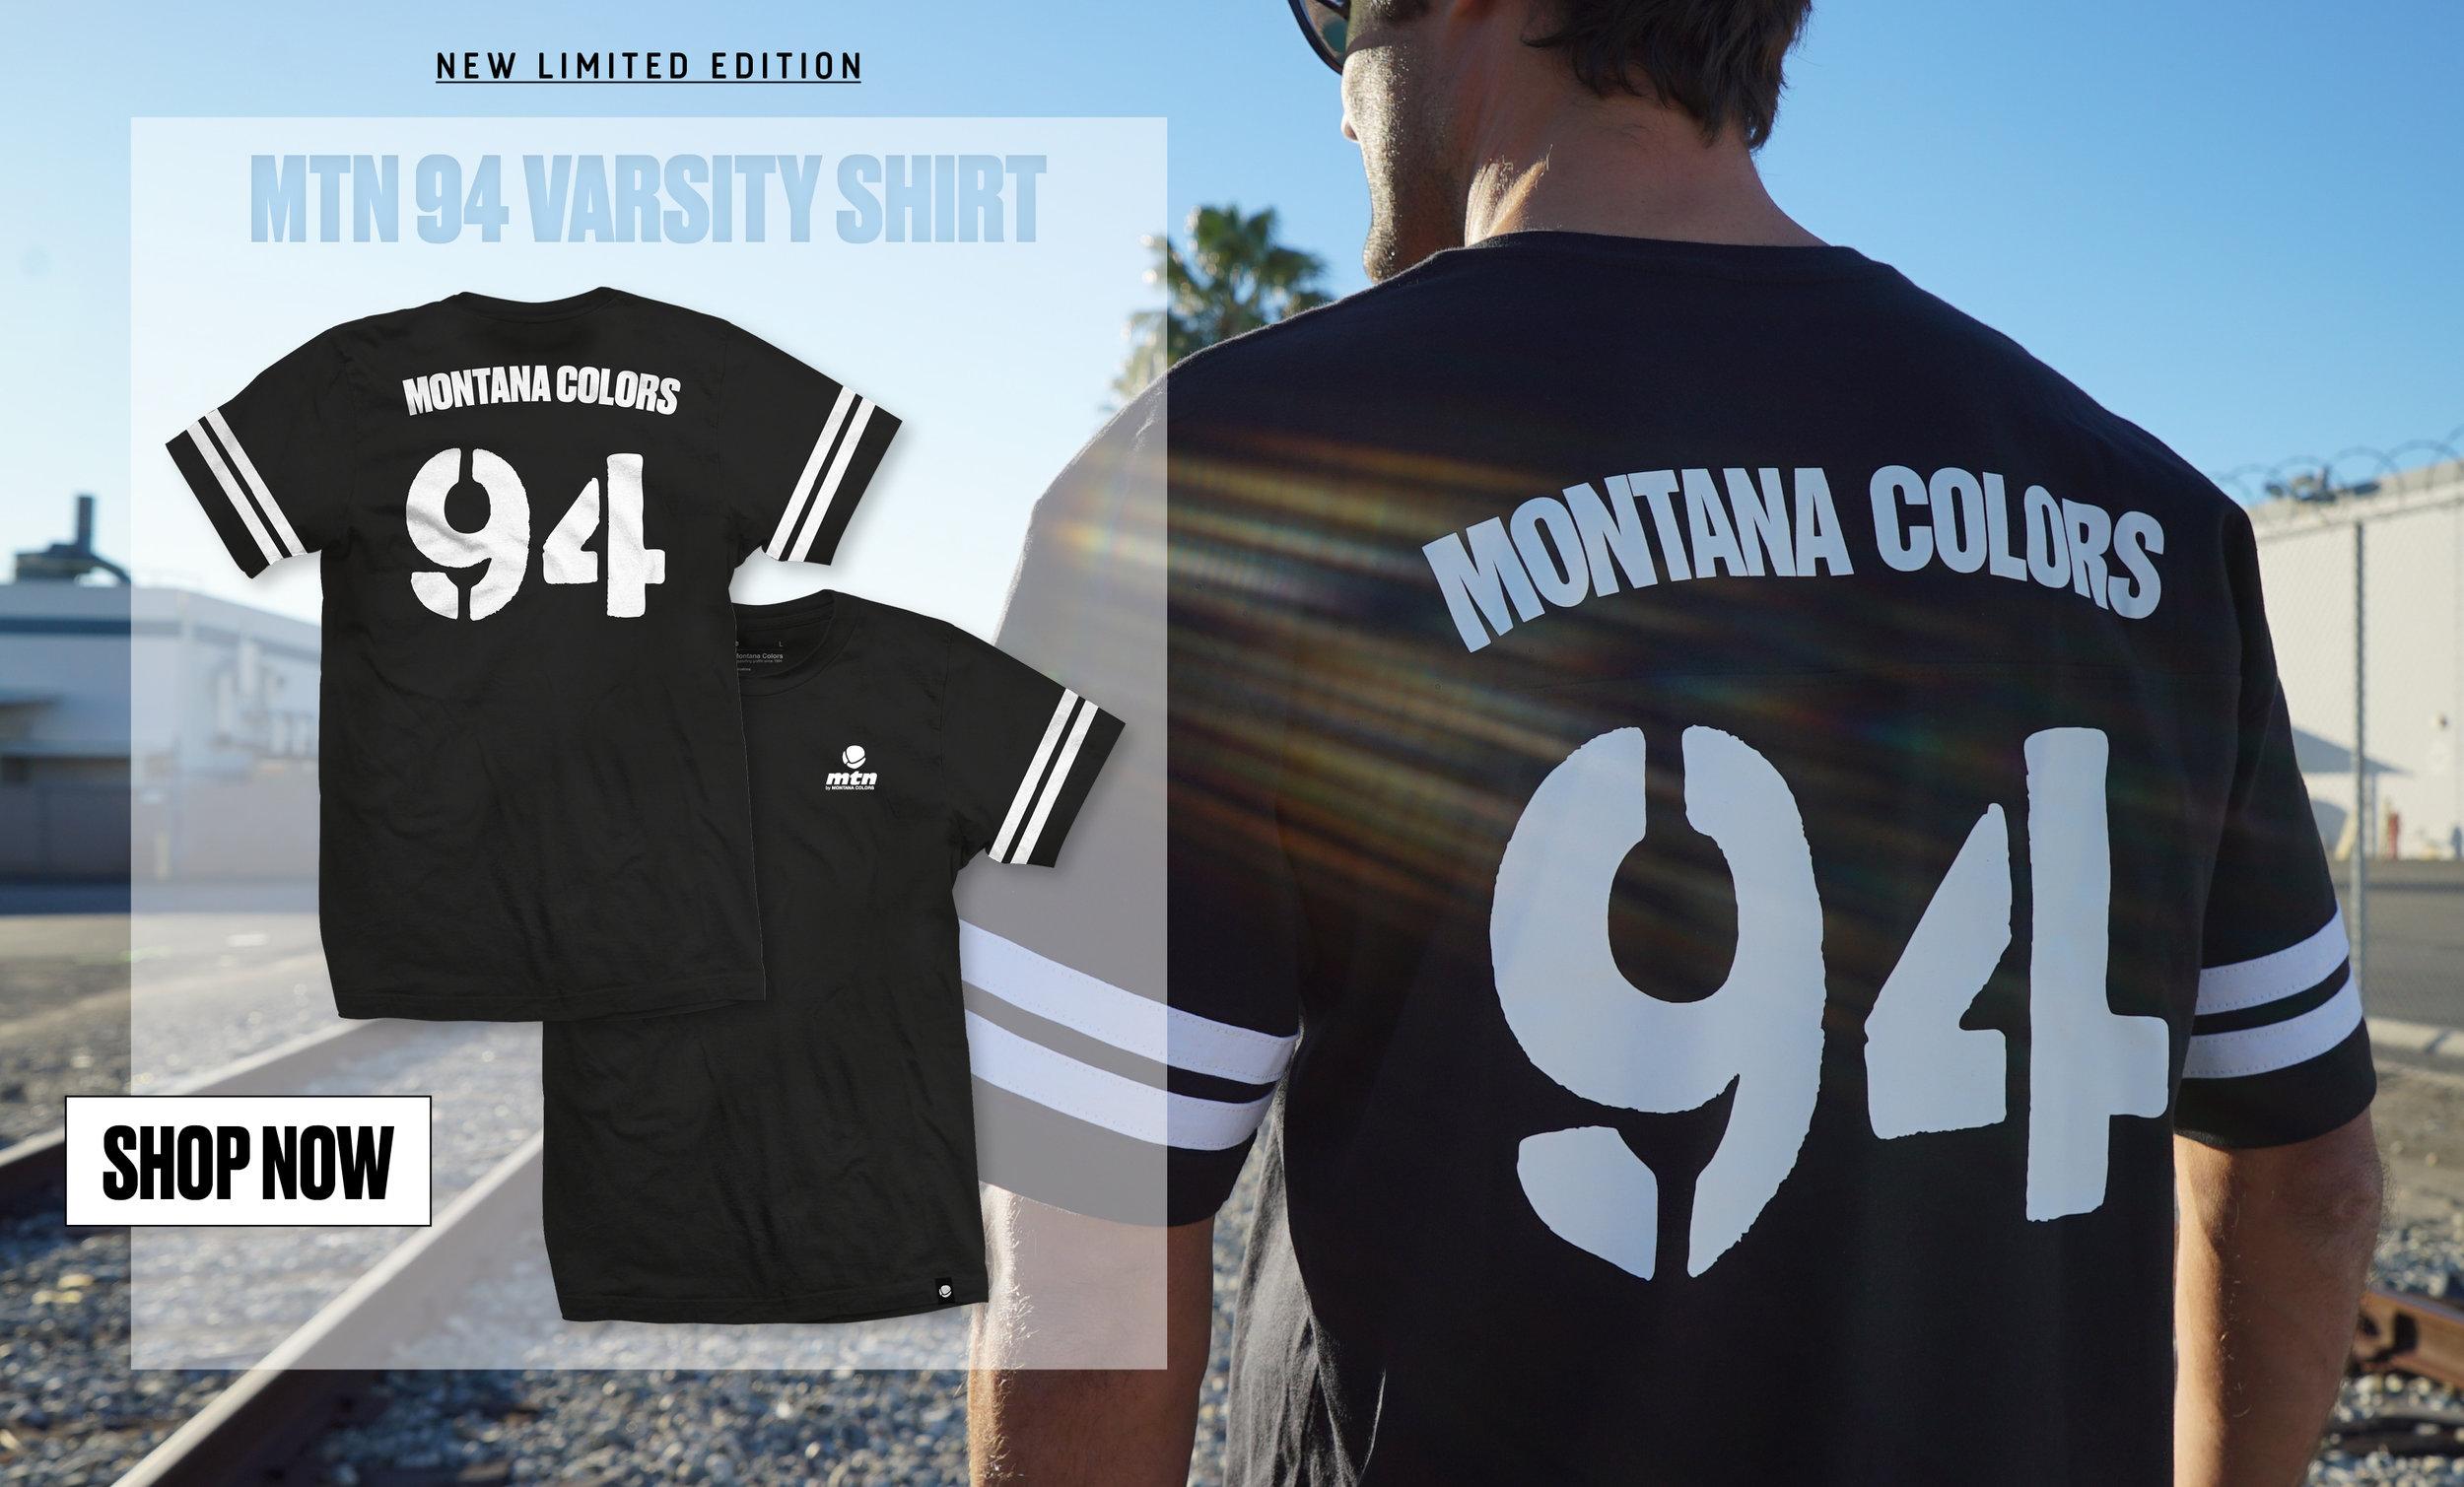 MTN94VatsityShirt.jpg